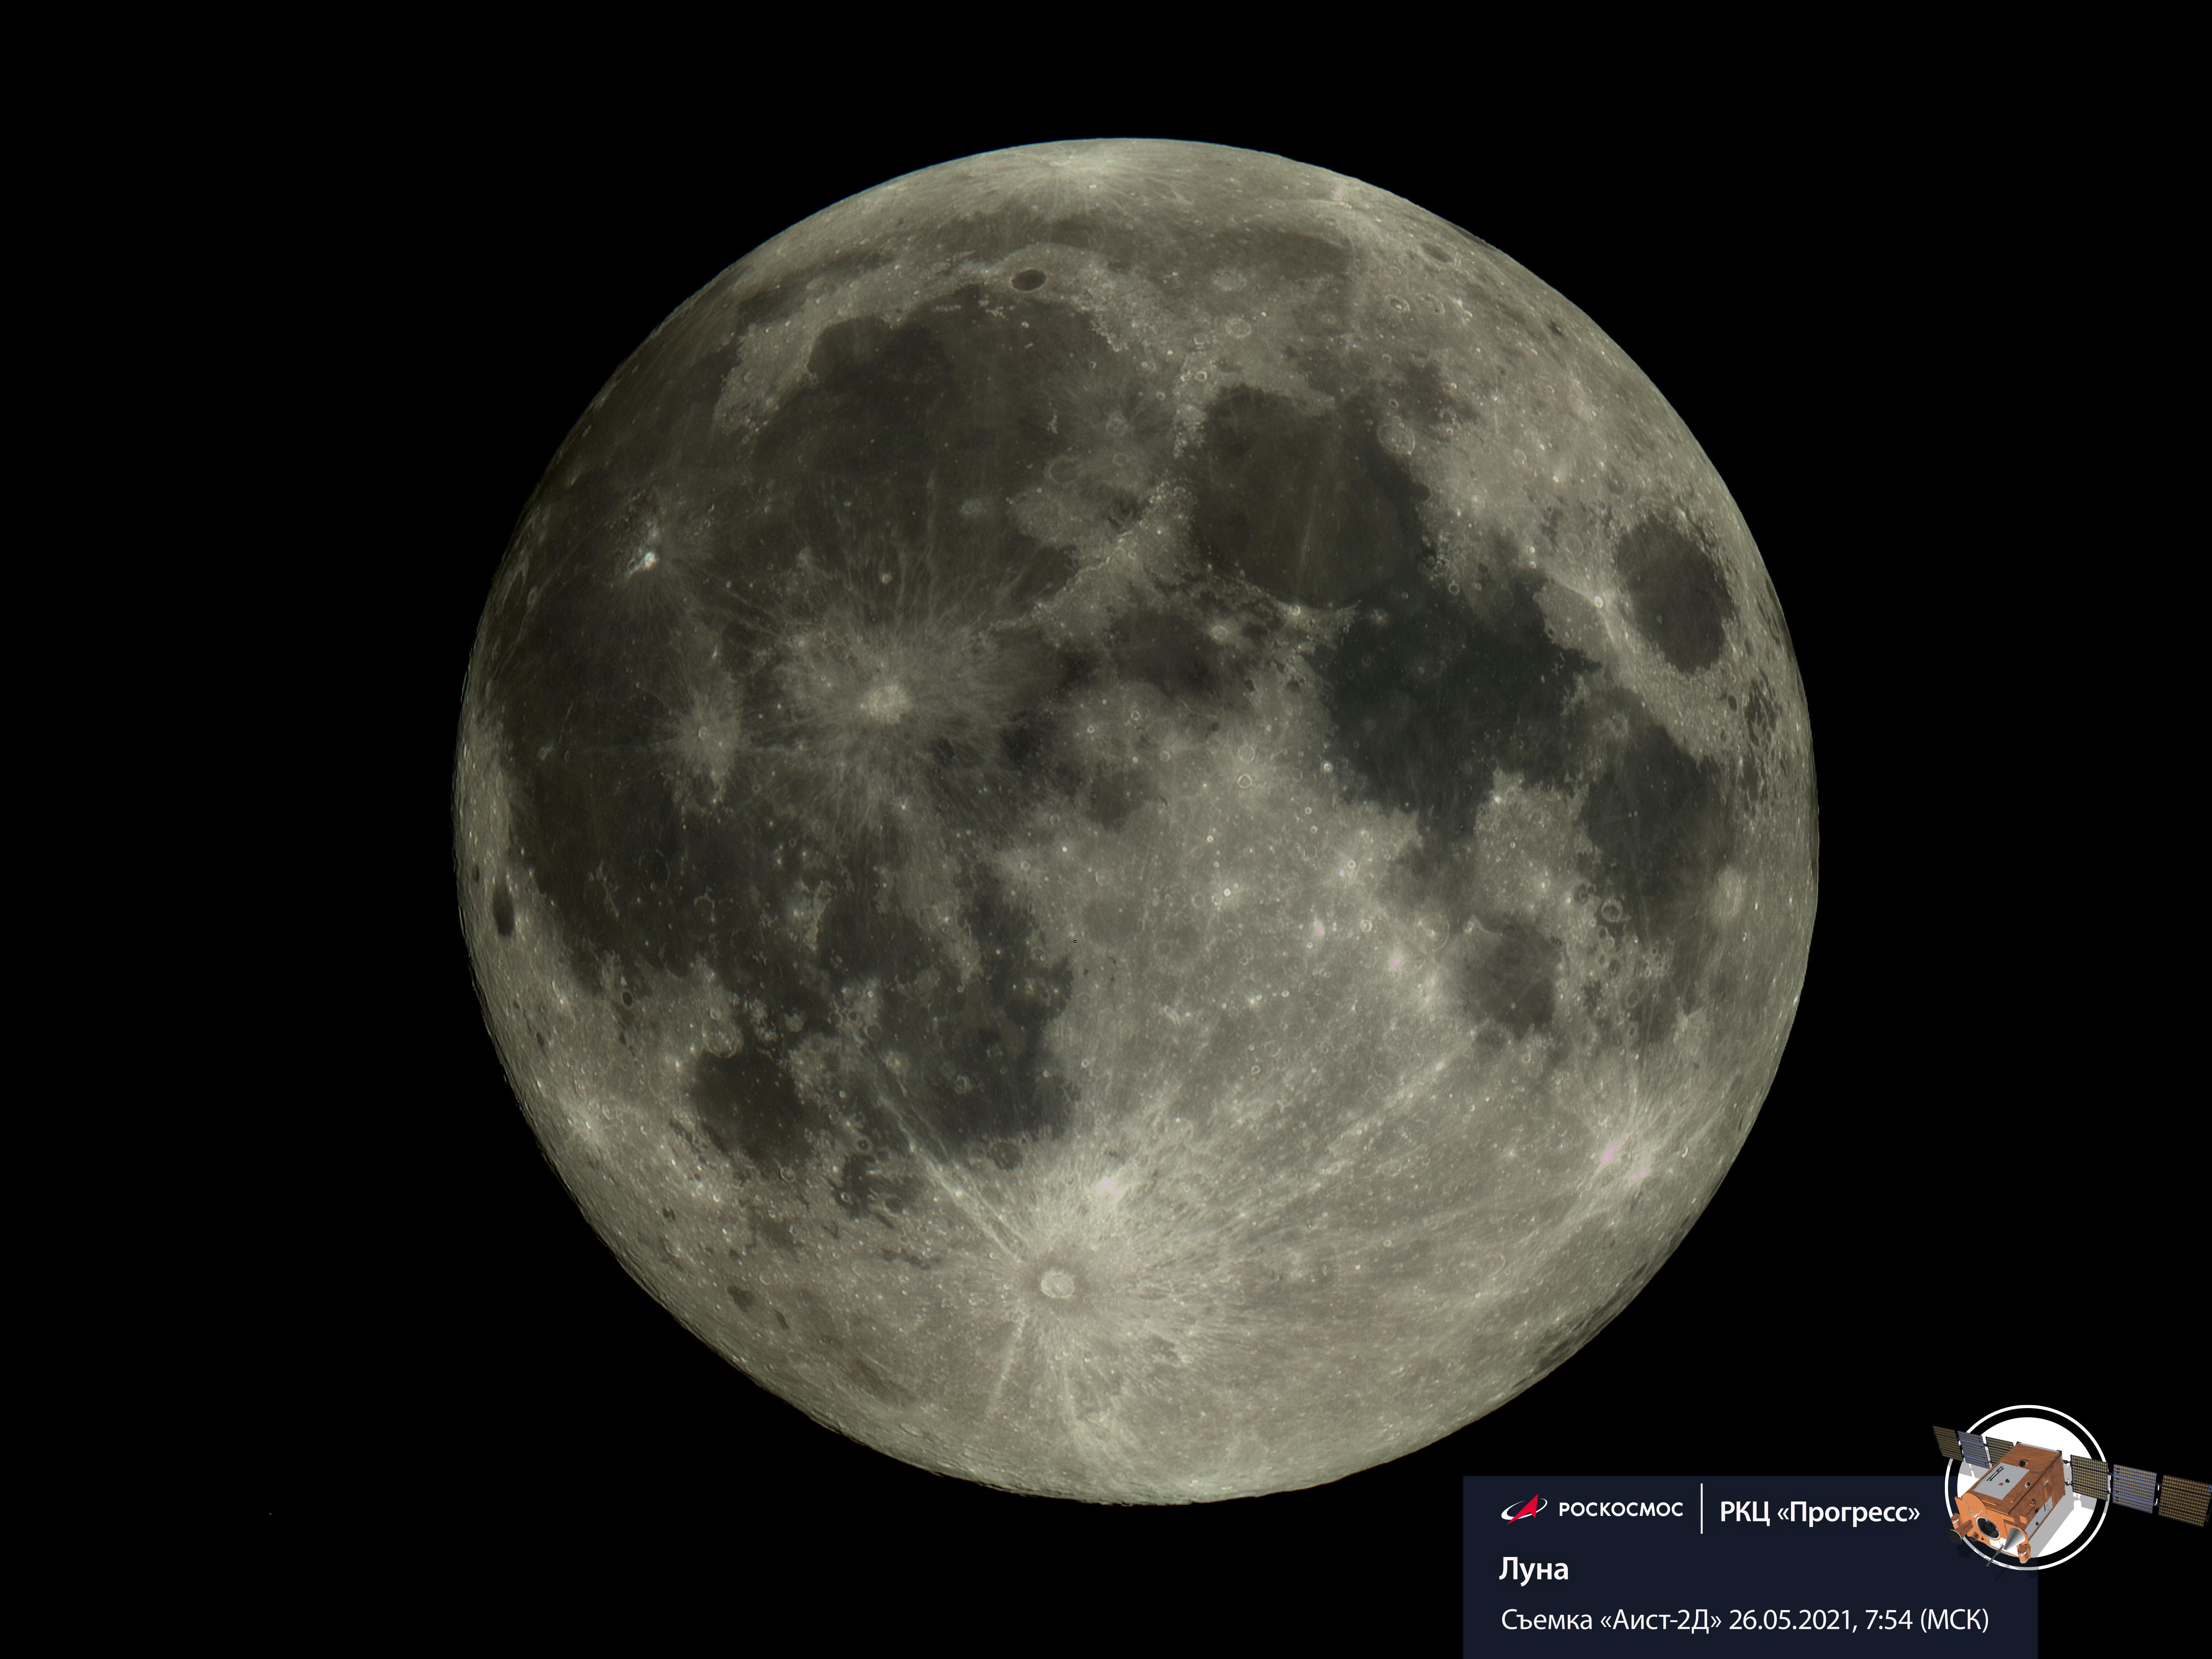 Фото дня: суперлуние и полное затмение Луны